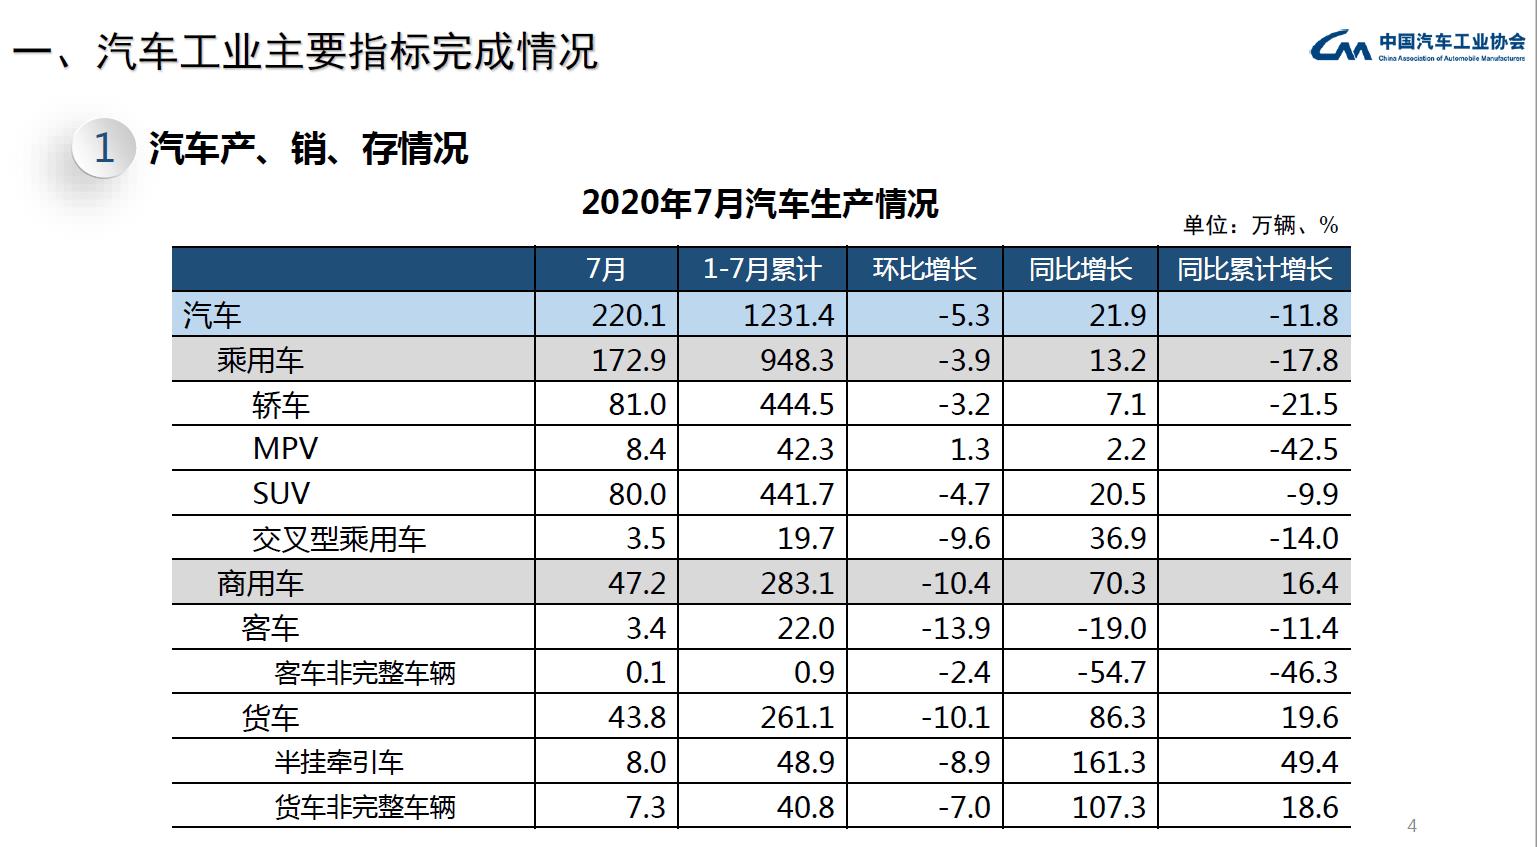 ?2020年7月中國汽車銷量達211.2萬輛,新能源汽車銷量達9.8萬輛